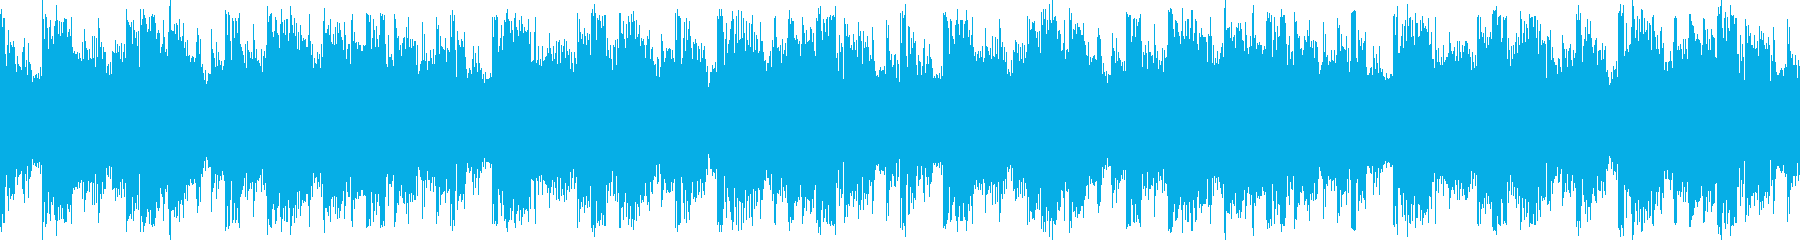 ファンタジーRPG・ダンジョン・メニュ…の再生済みの波形